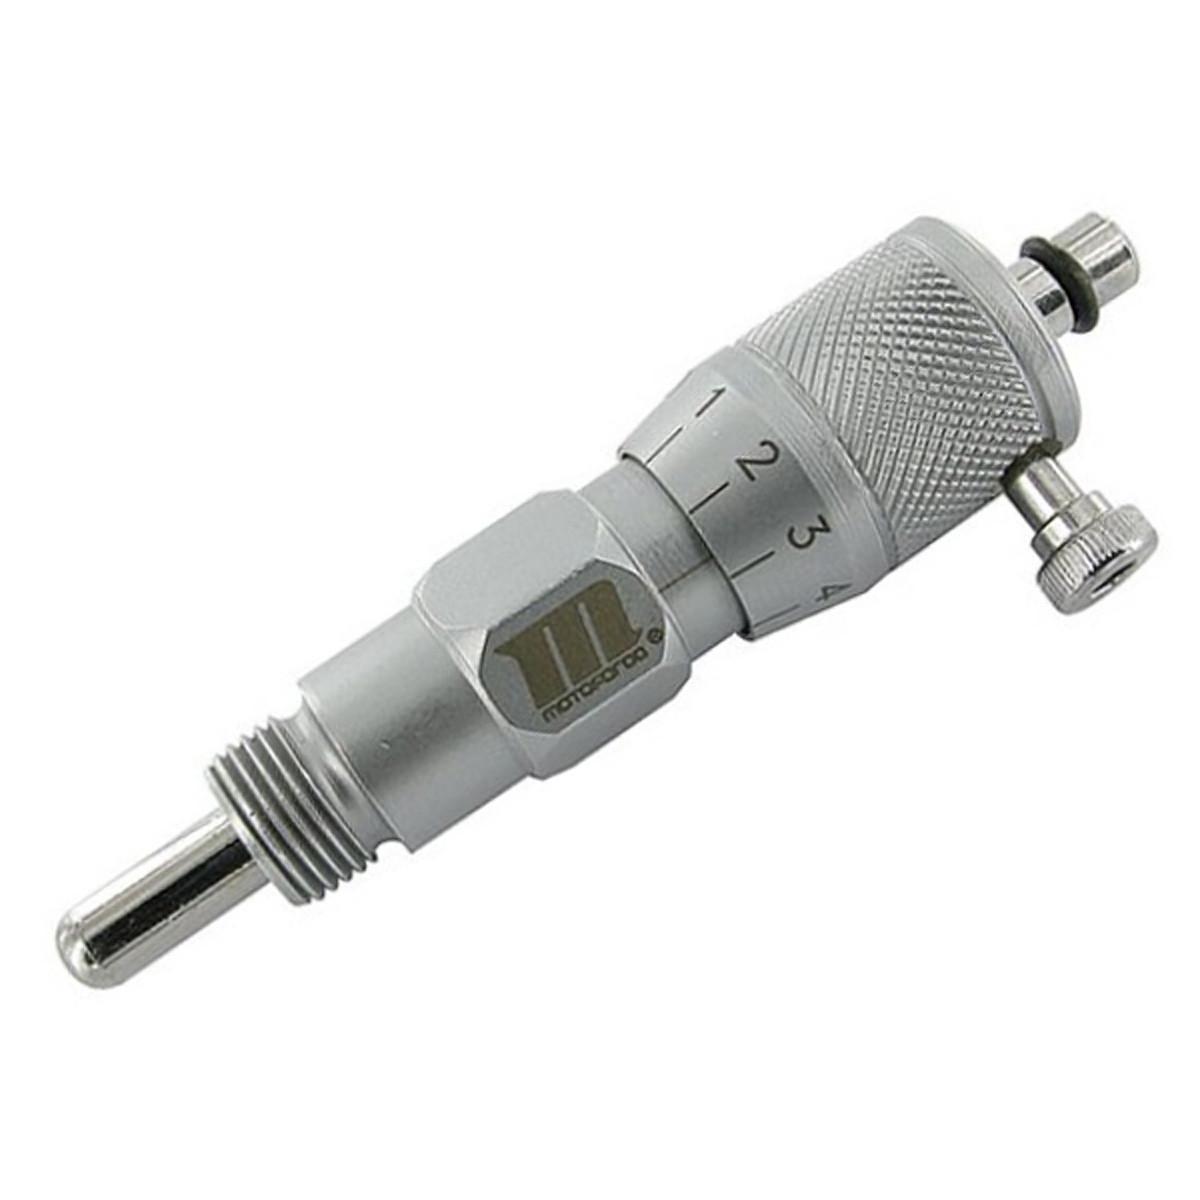 Pige de Calage Micrométrique 14 x 1.25mm - Motoforce